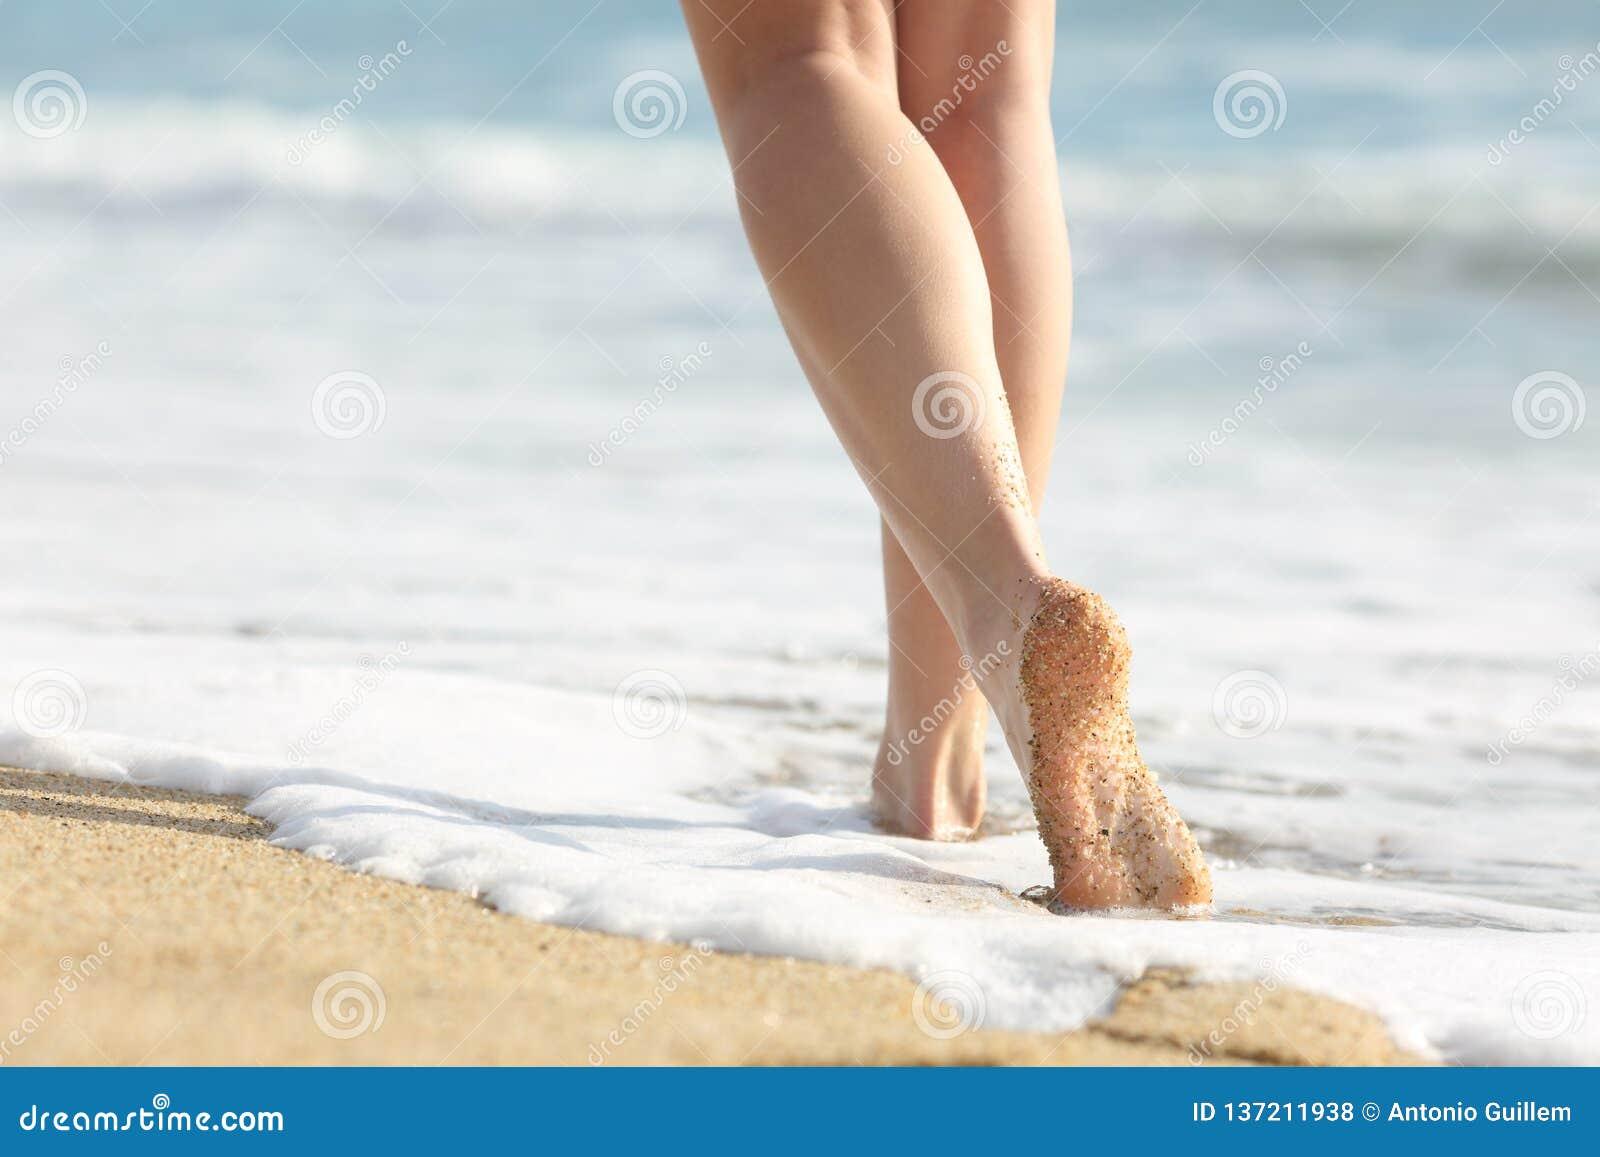 Περίπατοι ποδιών κοριτσιών στην άμμο και θαλάσσιο νερό στην παραλία